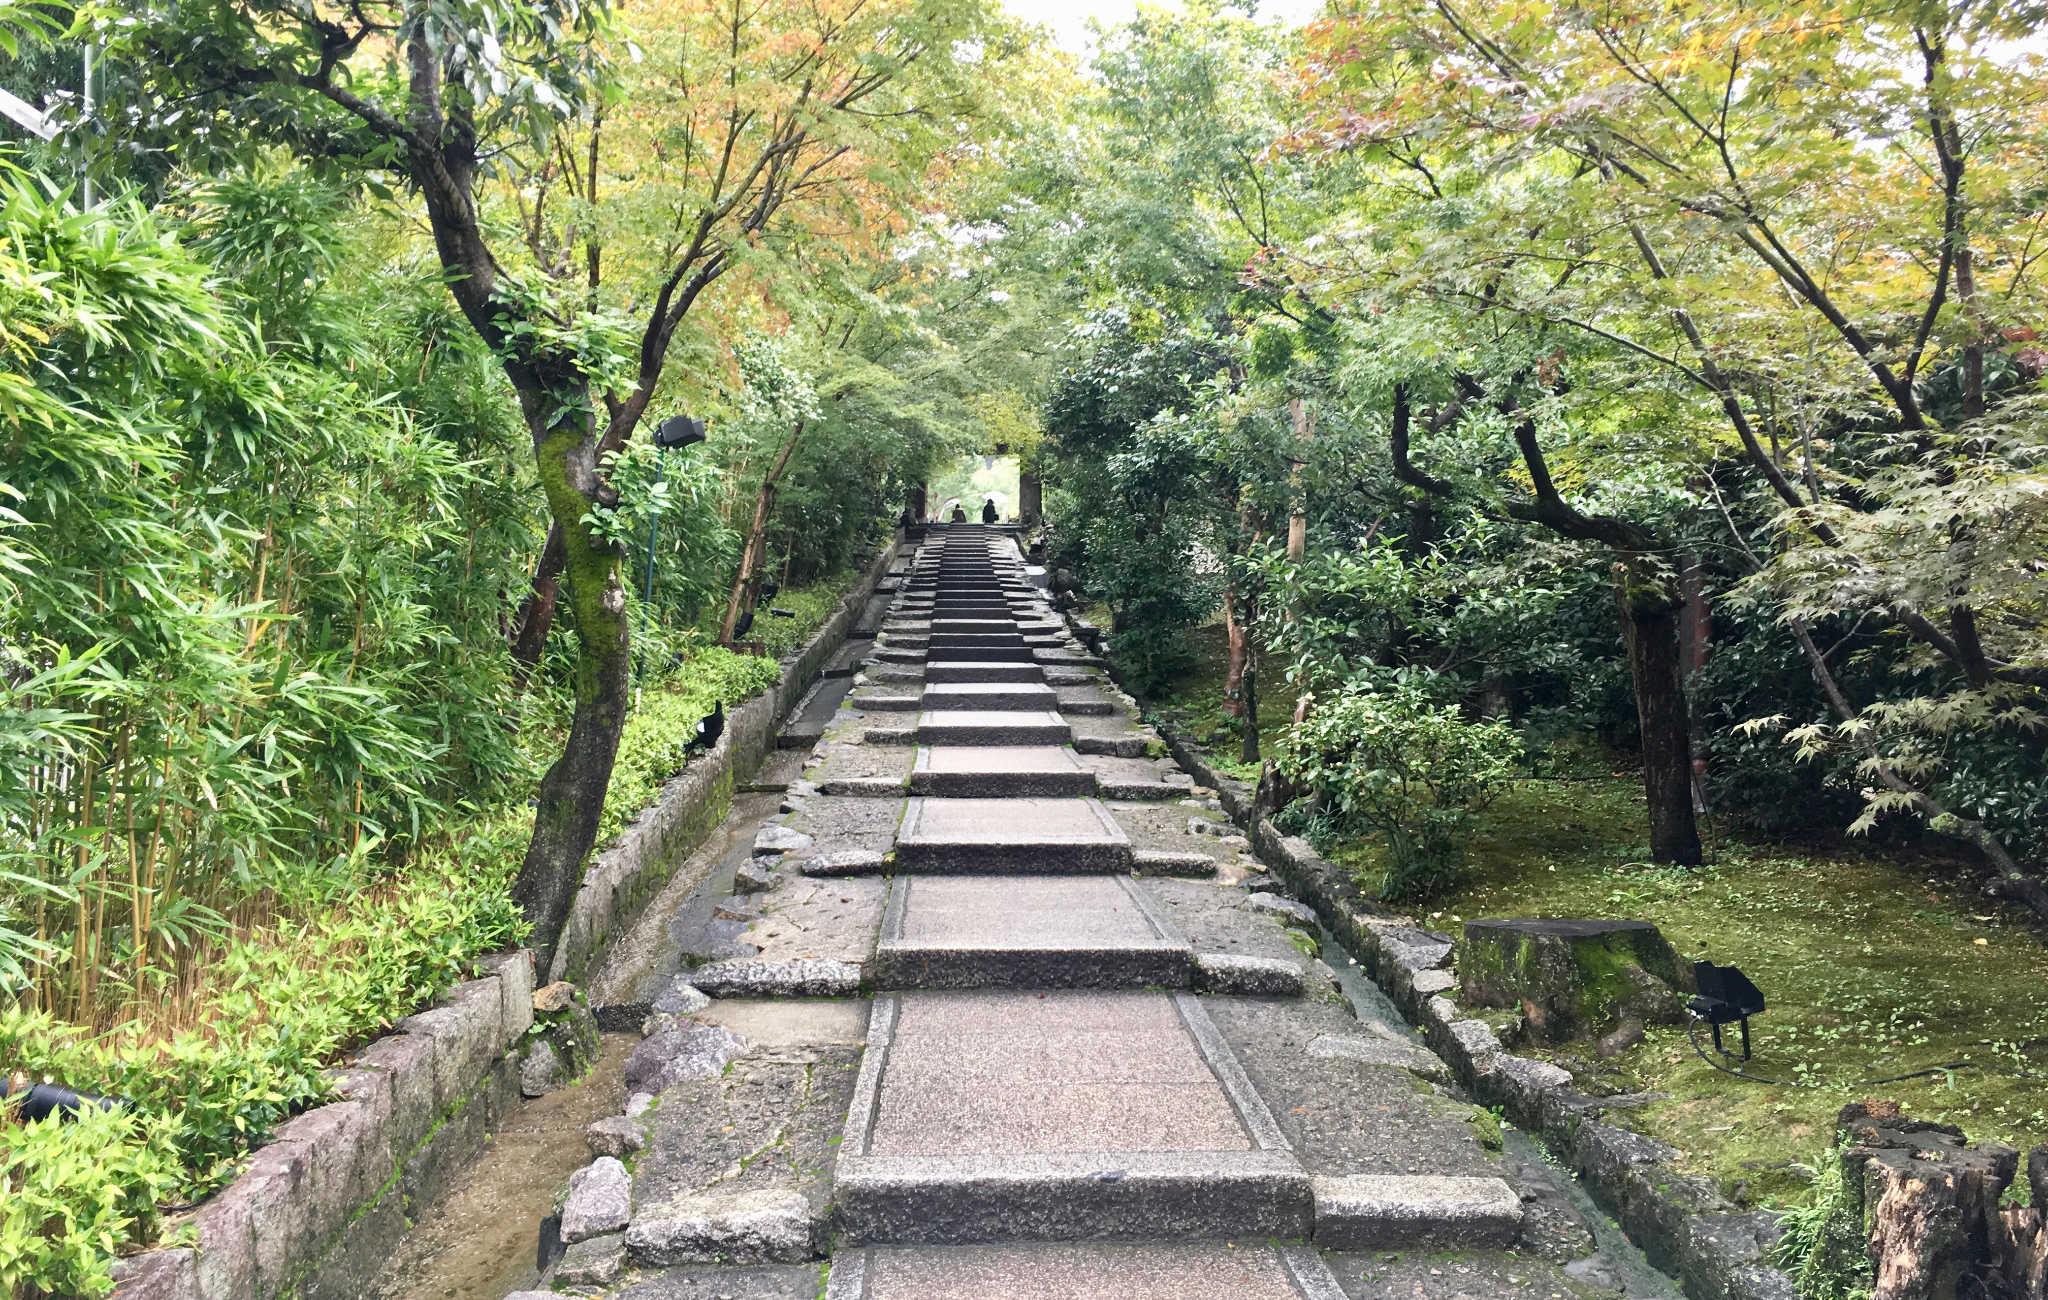 Le grand escalier bordé d'érables qui mène à l'entrée du temple